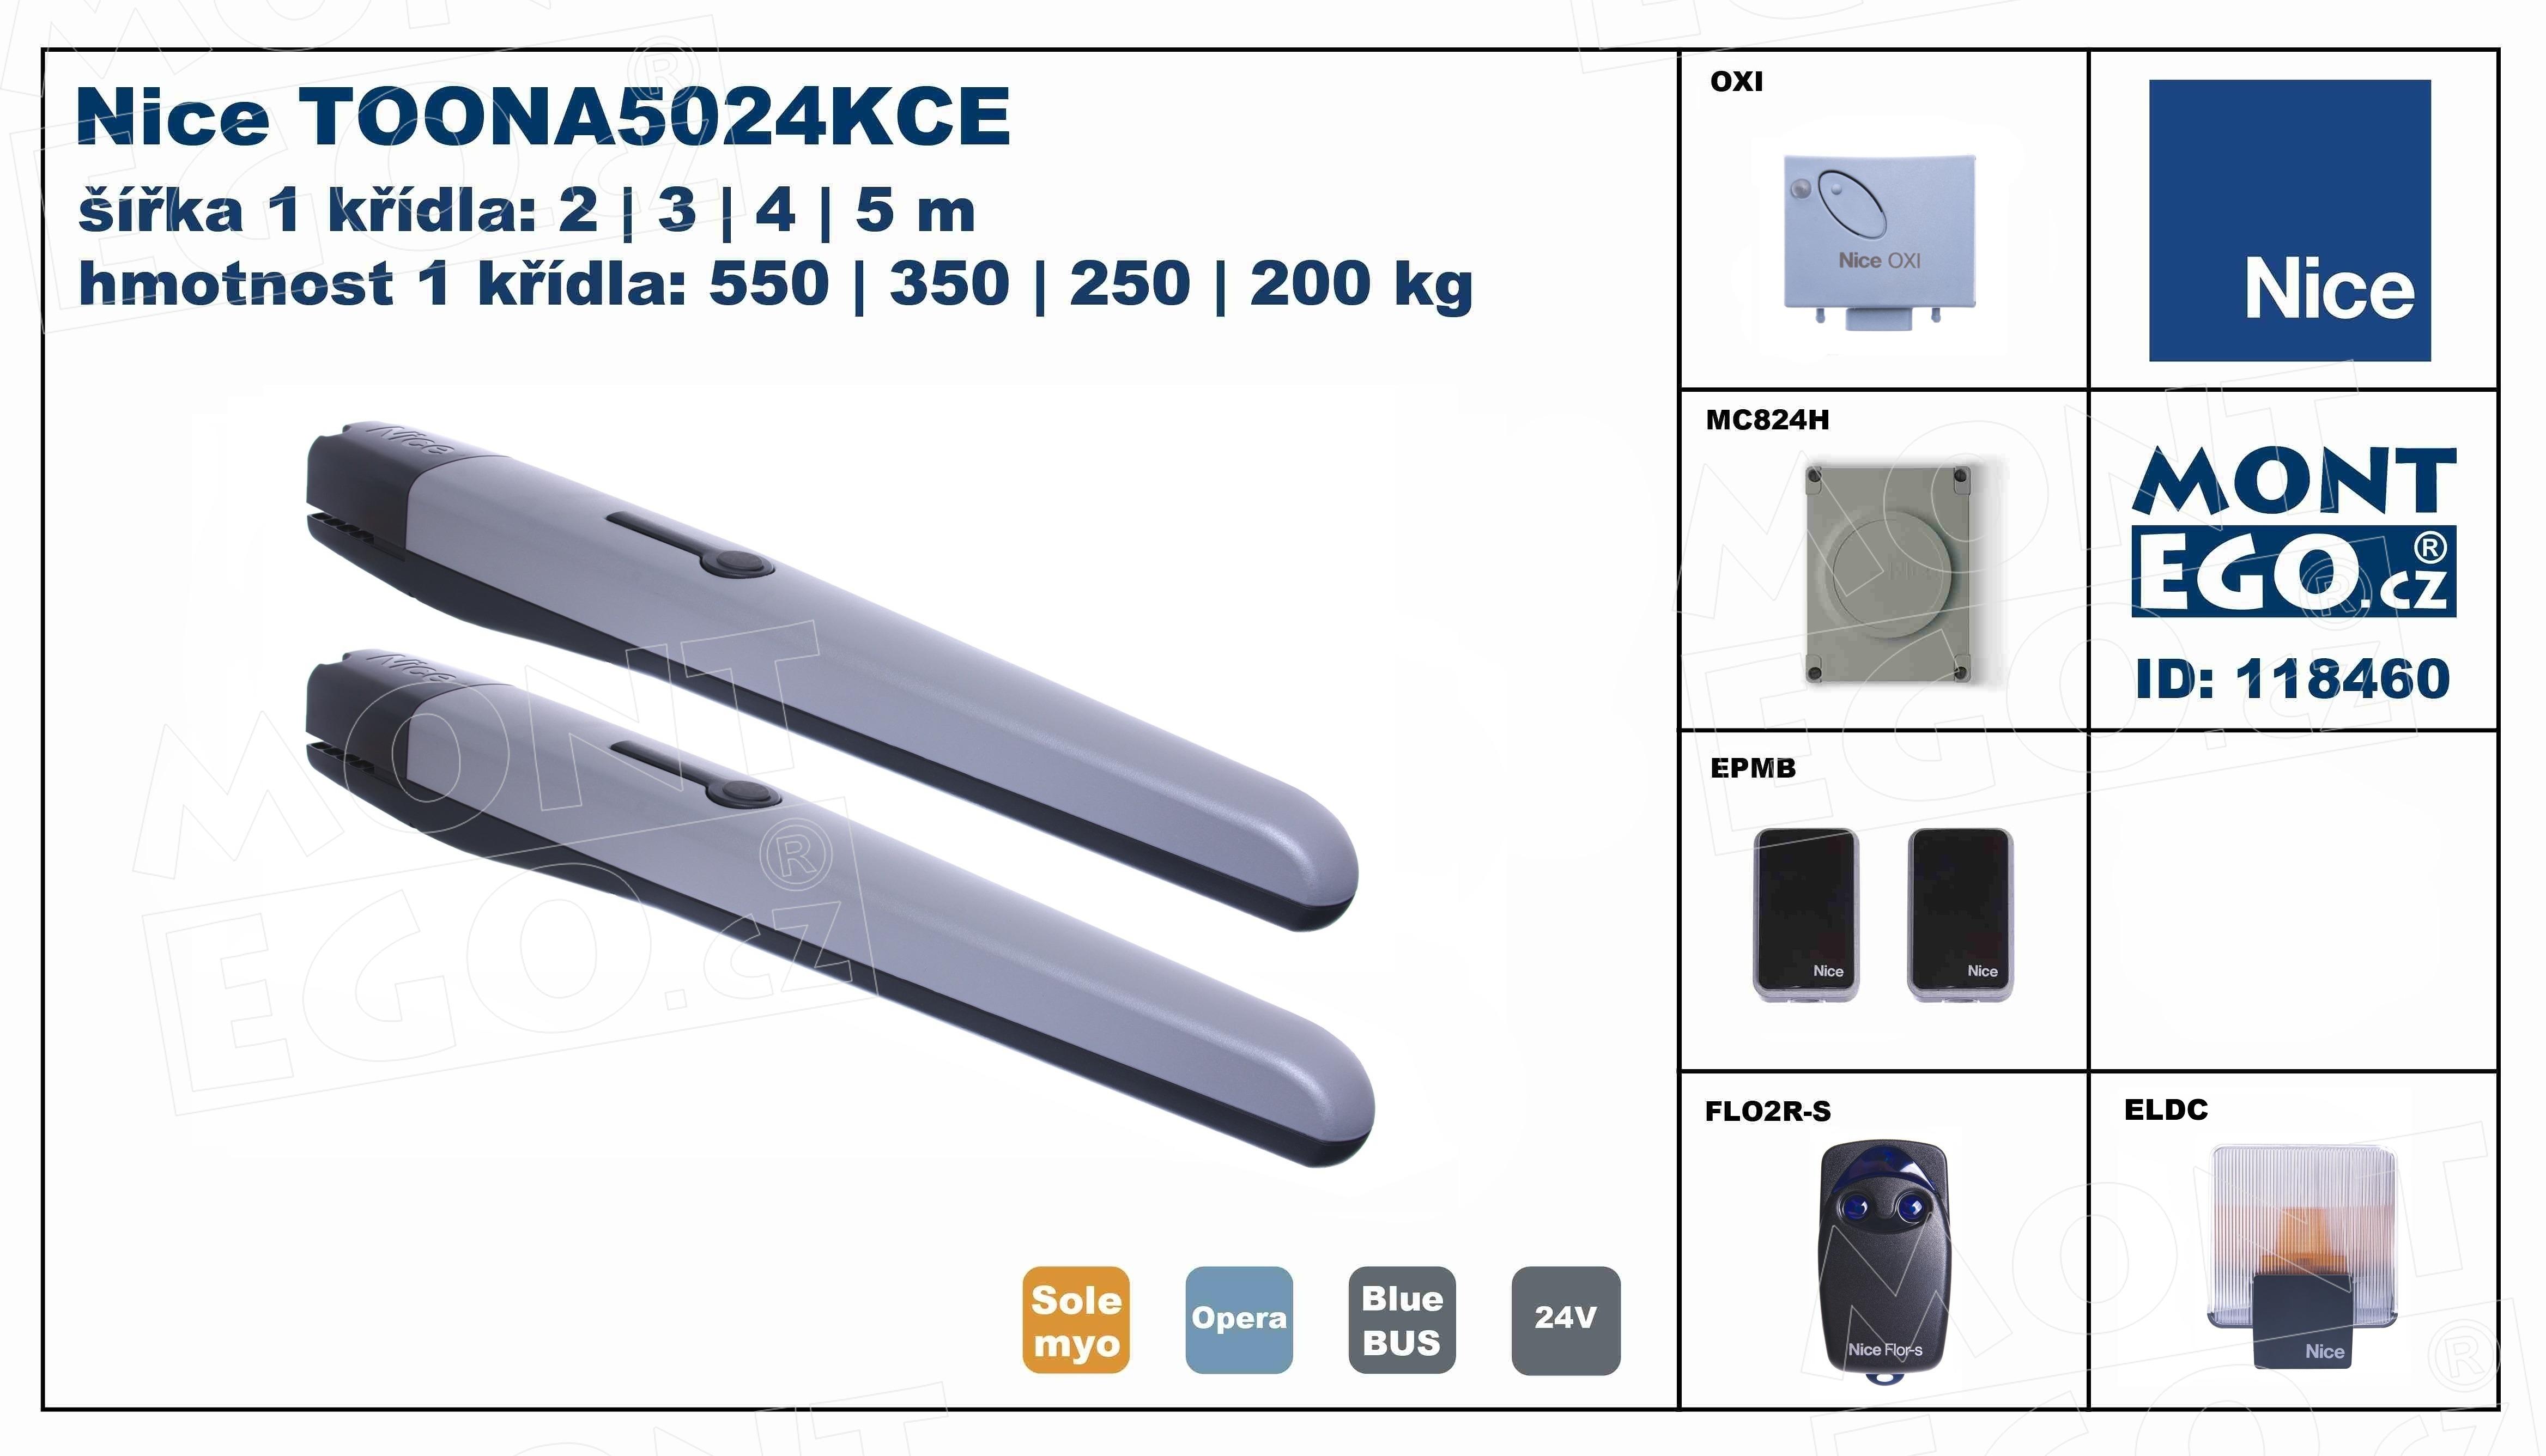 TOONA5024KCE komplet pro 2 křídlou bránu do 10 m průjezdu, Nice Toona 5024 kit